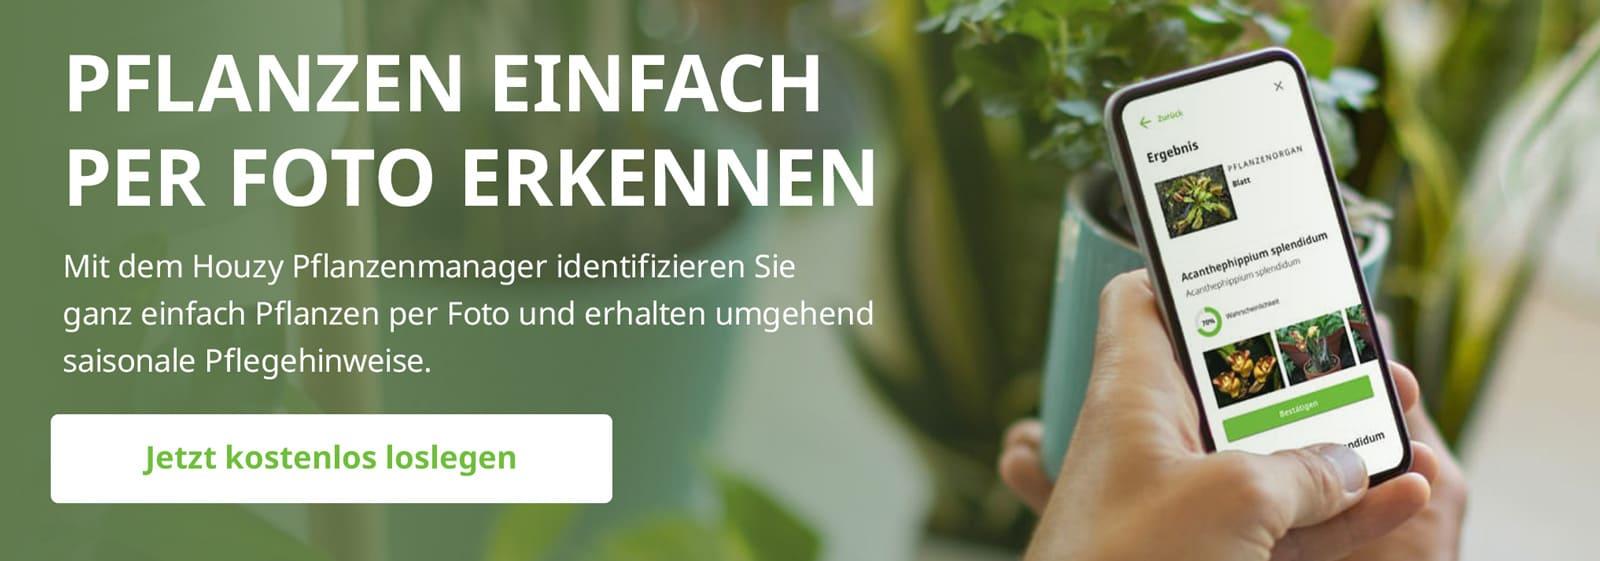 Houzy Pflanzenmanager - Pflanzen erkennen